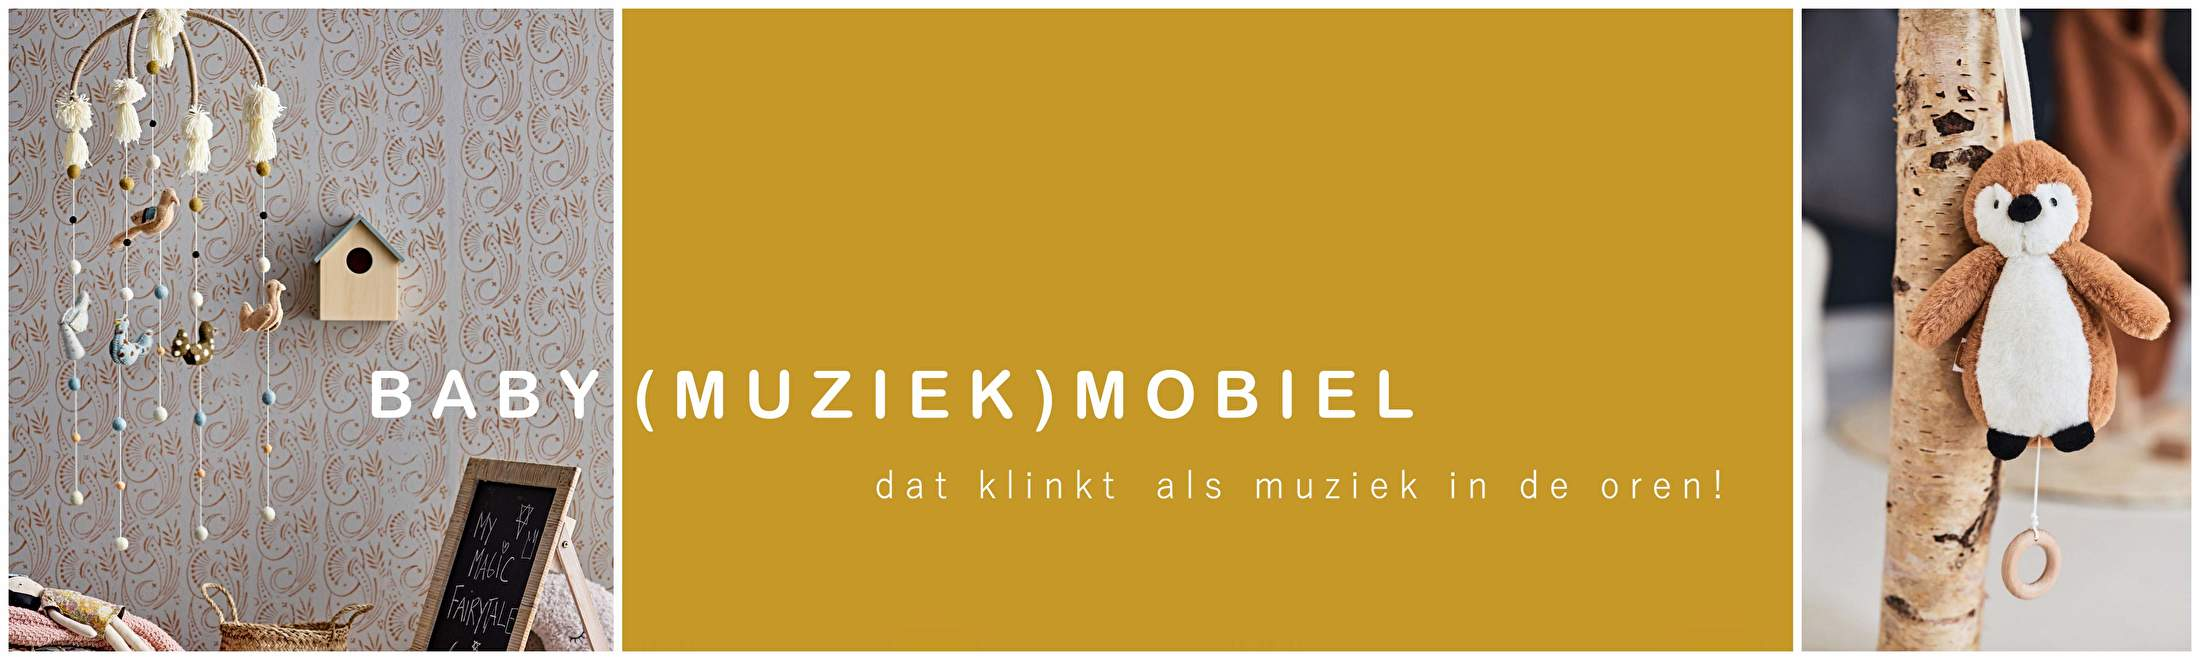 BABYKAMER MUZIEKMOBIEL - MOBIEL | ZUSJEZ.NL